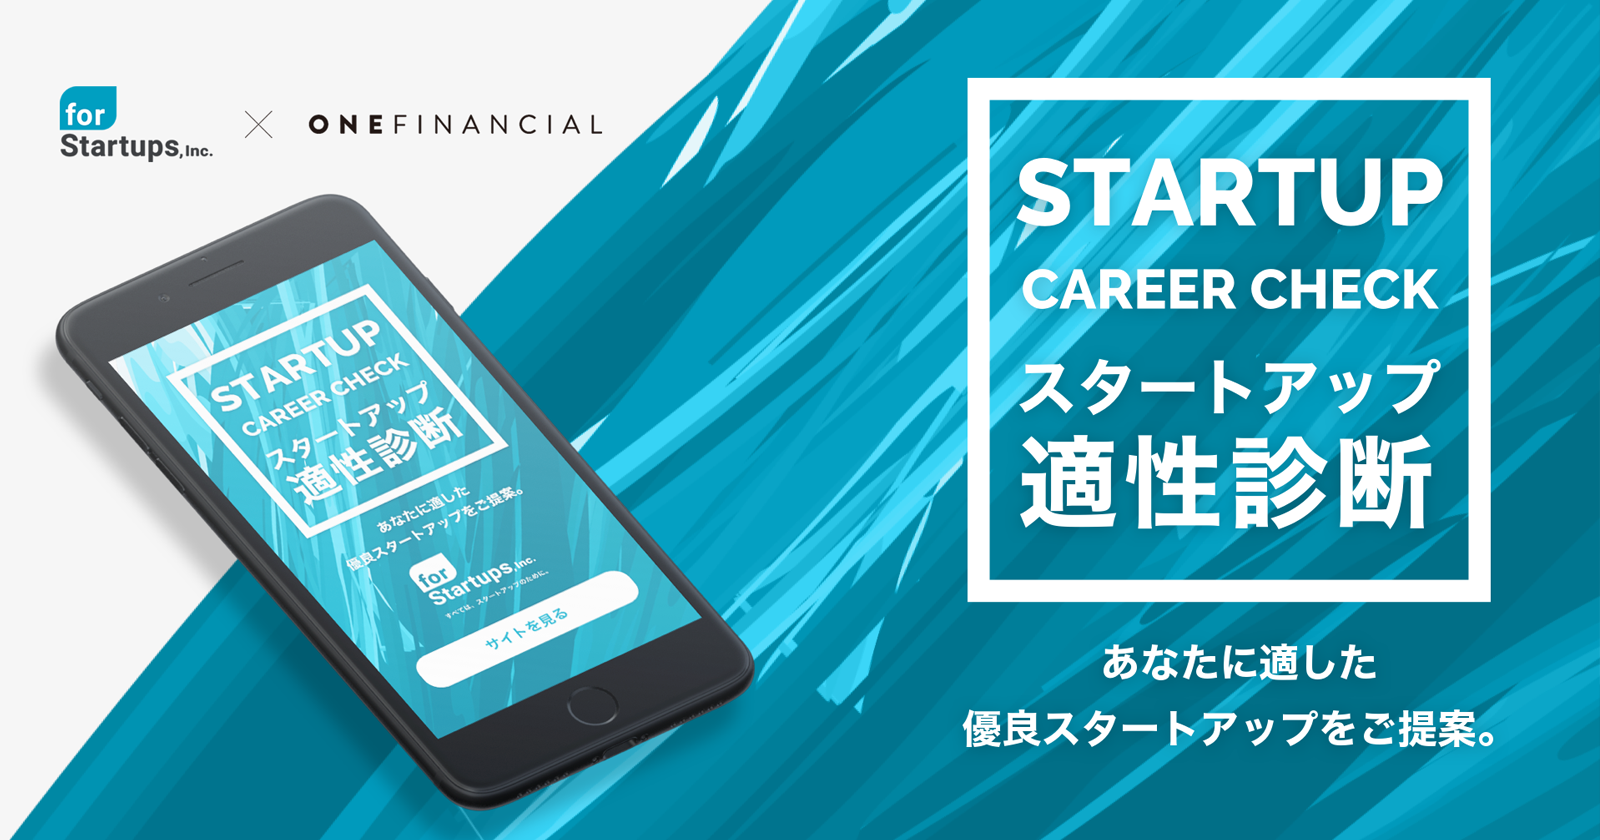 フォースタートアップス株式会社がワンファイナンシャル株式会社と連携して、「スタートアップ適性診断」を開始。